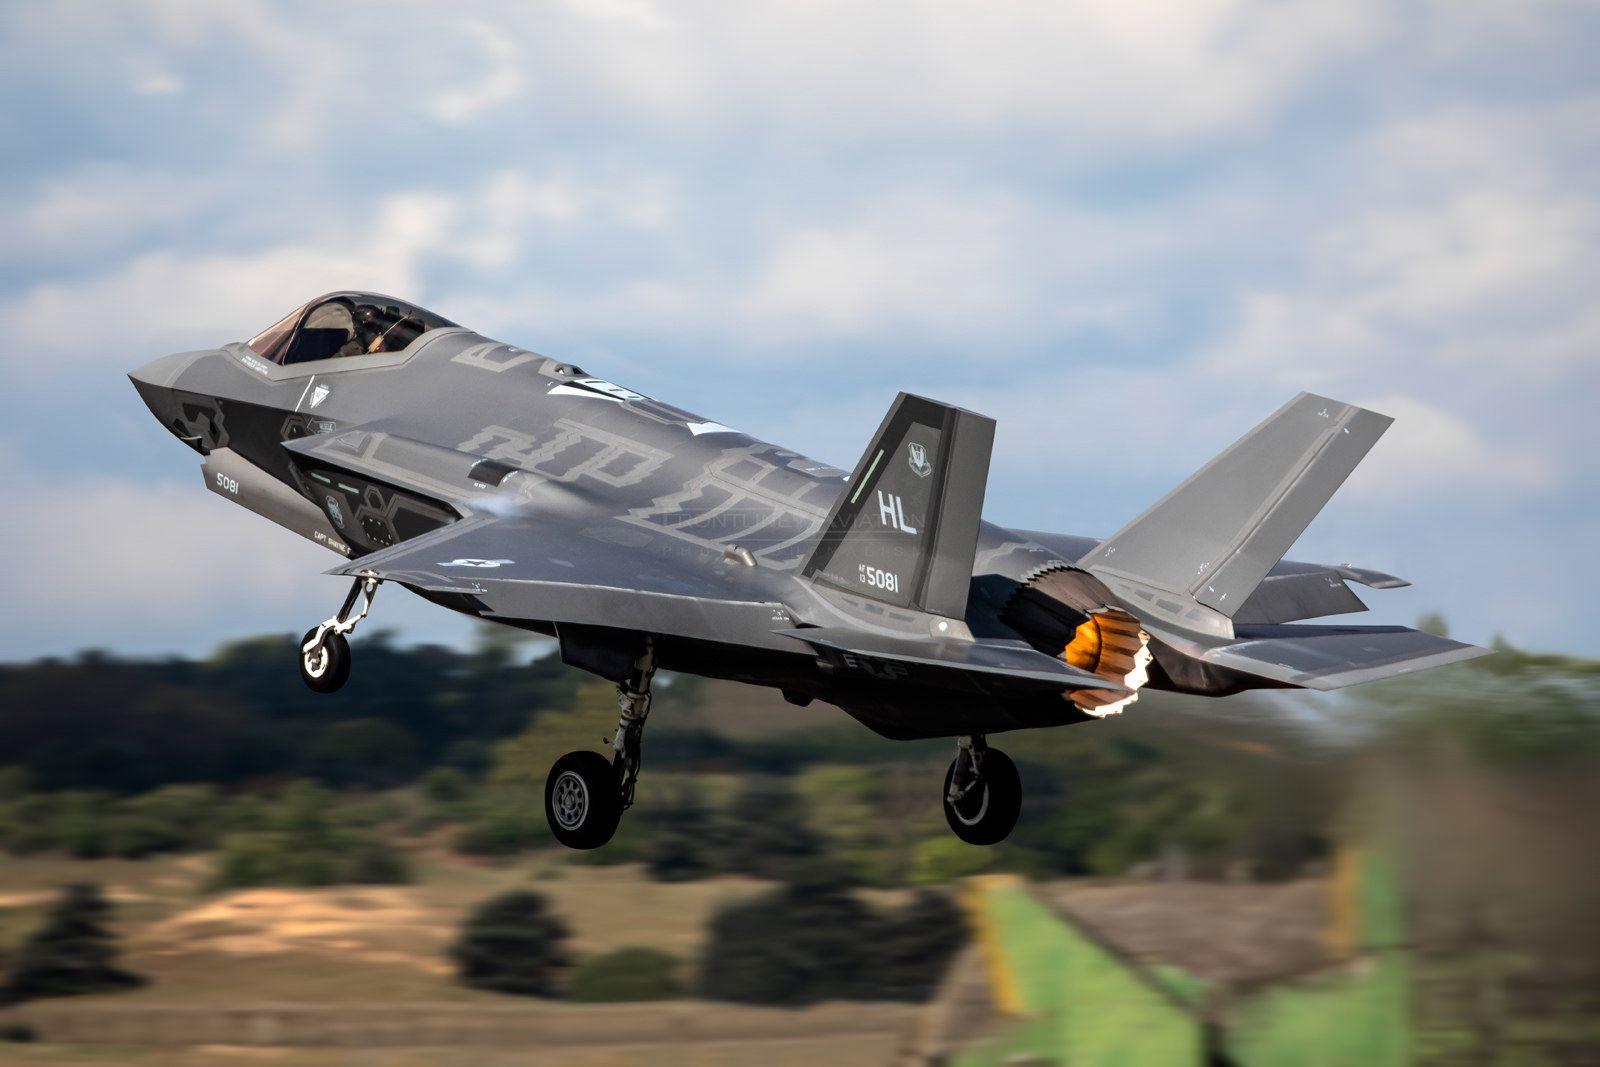 https://flic.kr/p/U7BBMF   'Lightning Departure', F-35A Lightning II, 13-5081, 34th FS, 388FW, Hill AFB   RAF Lakenheath, Suffolk, United Kingdom